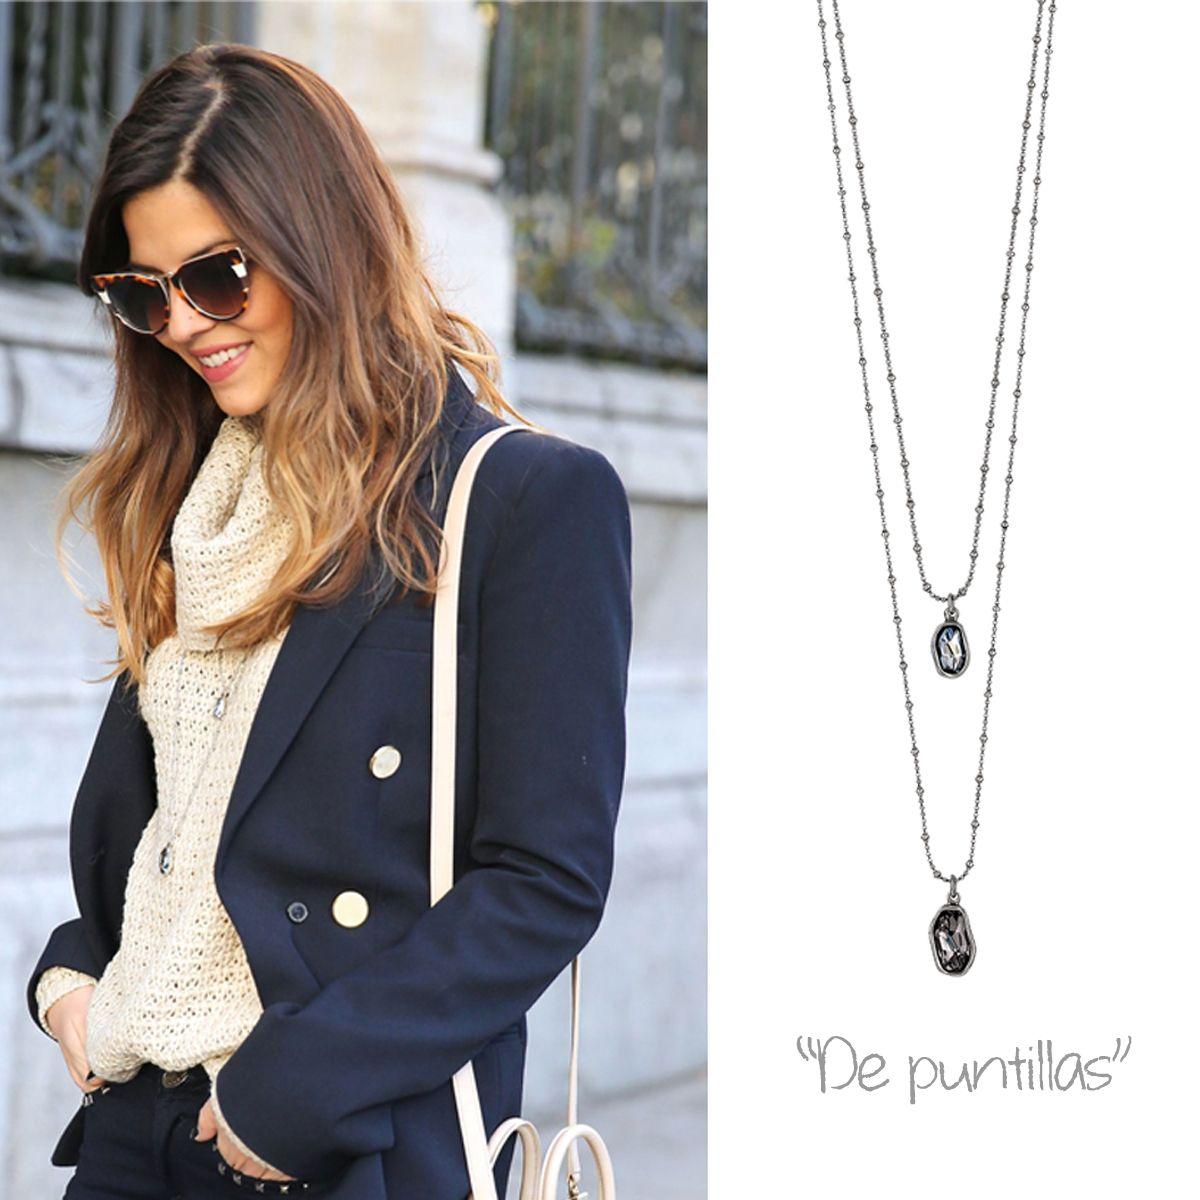 """Trendy Taste con nuestro collar """"De puntillas"""" Collar/necklace """"De puntillas"""": http://goo.gl/0giCXF"""